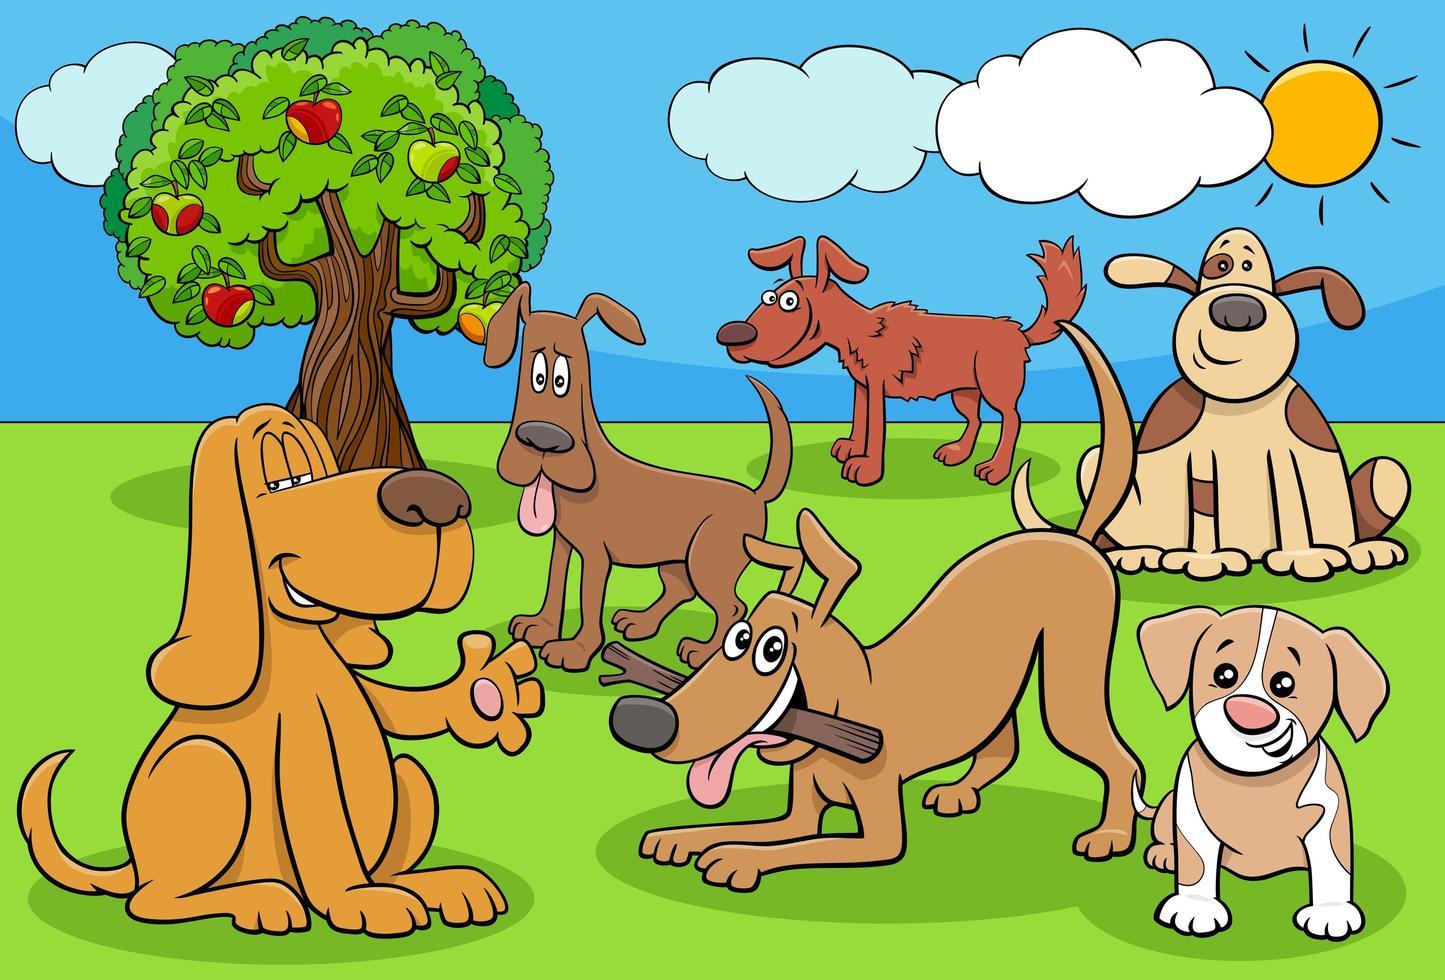 Groupe de personnages de dessins animés de chiens et chiots drôles vecteur